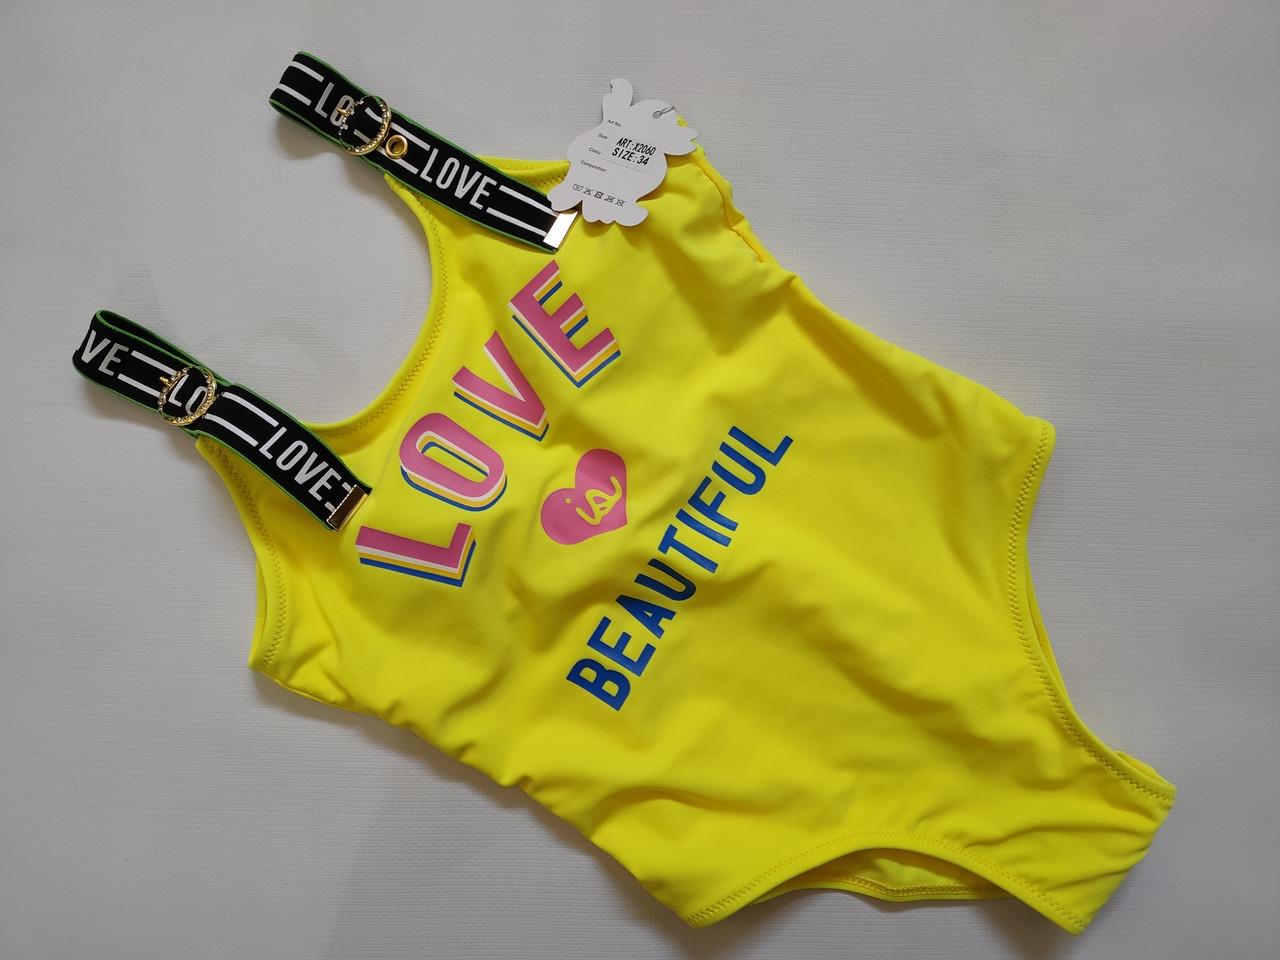 Купальник  подростковый 2060 FUBA  Бьютифул желтый(В НАЛИЧИИ ТОЛЬКО   34 36 38 40 42      размеры)